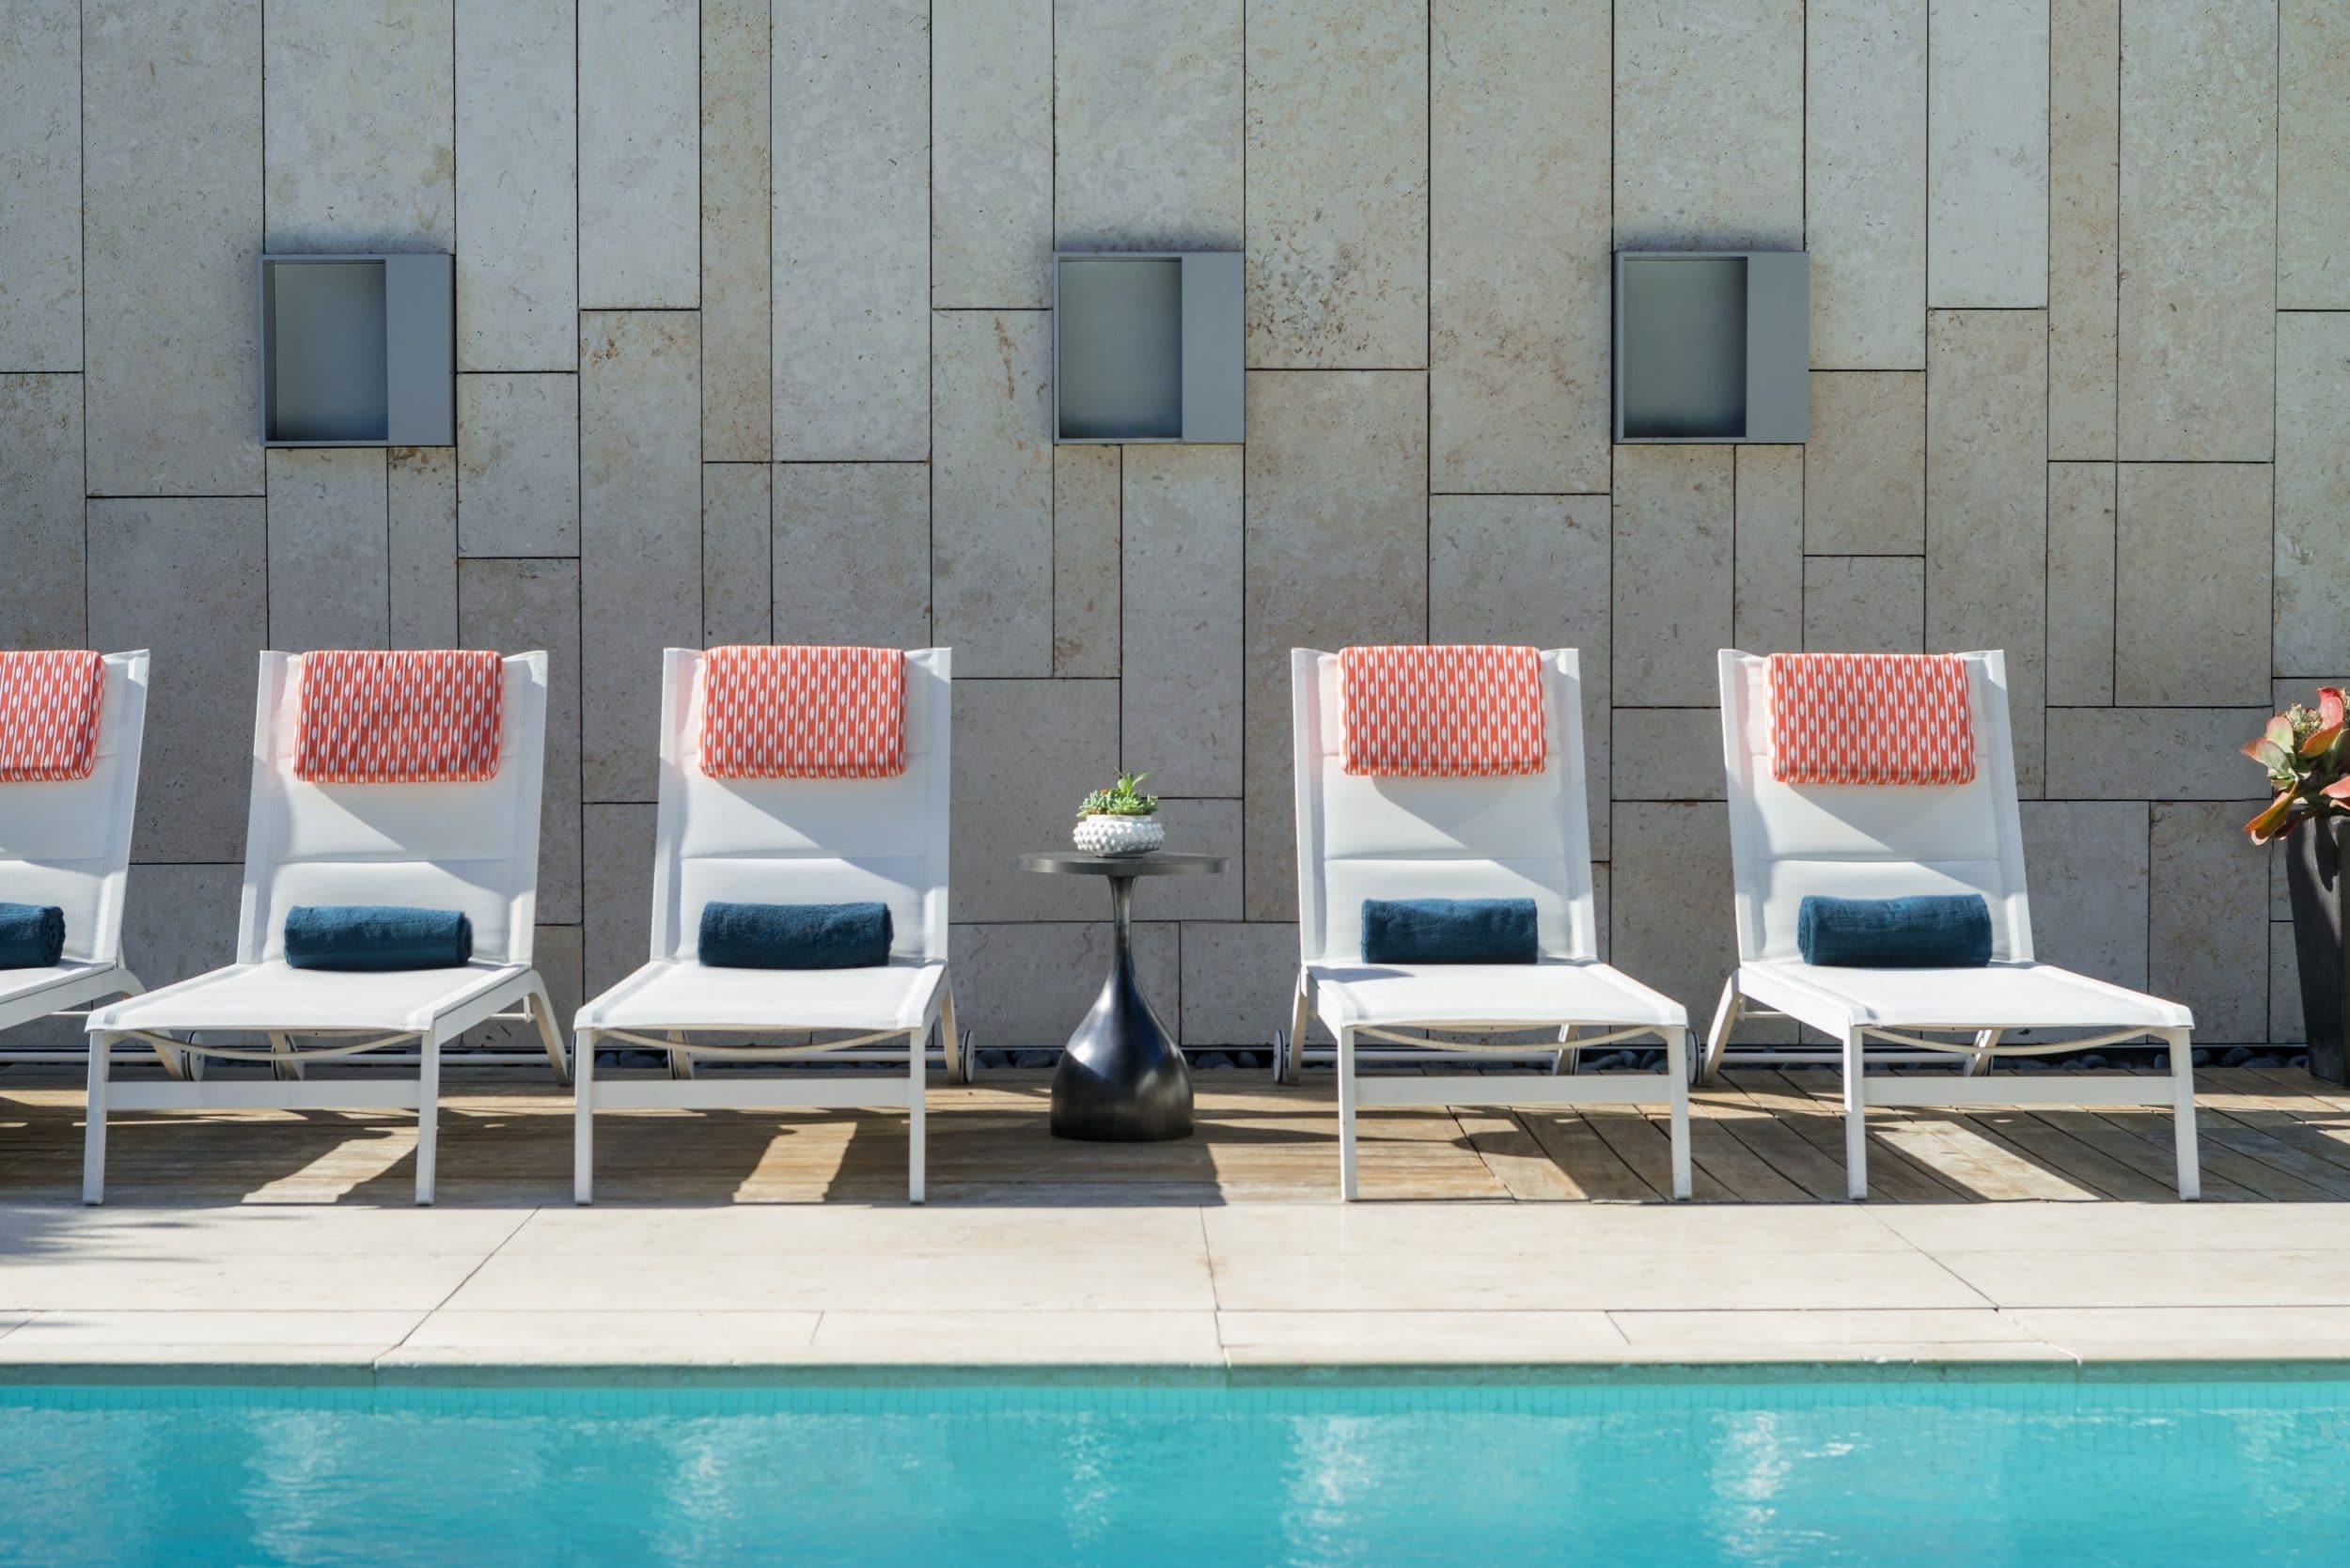 Hotel Palomar San Diego pool